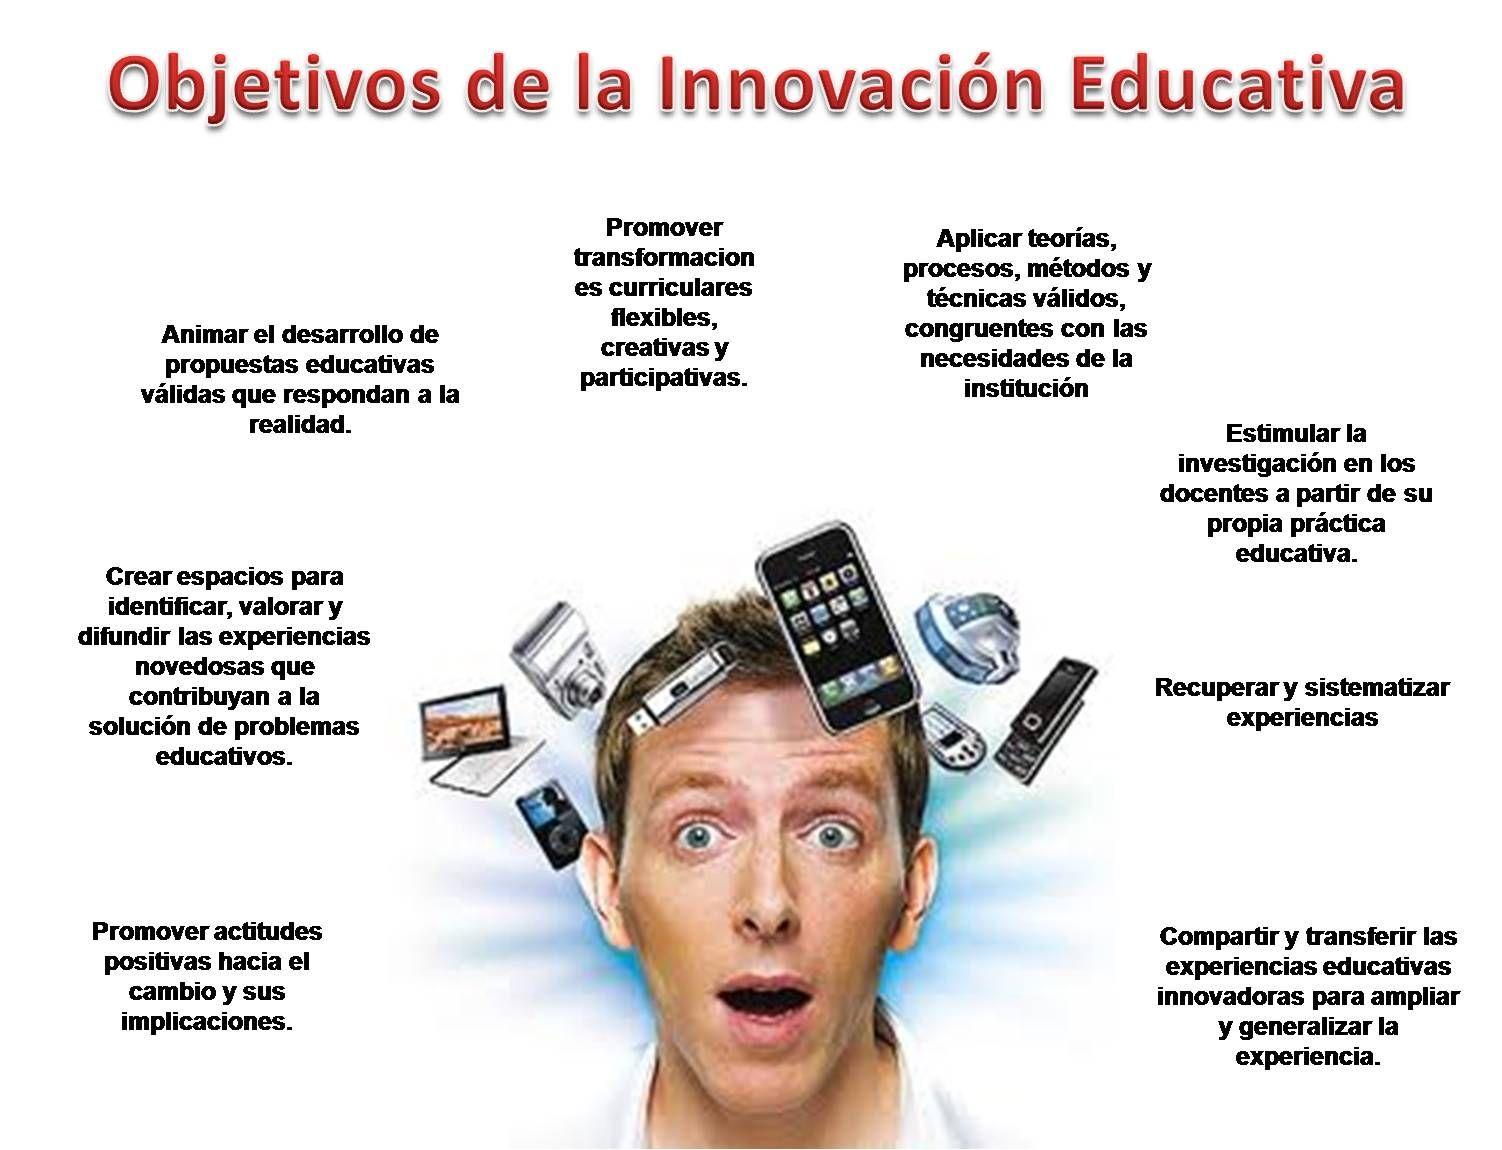 21 Ideas De Innovación Educativa Proceso De Enseñanza Innovación Educativa Práctica Educativa